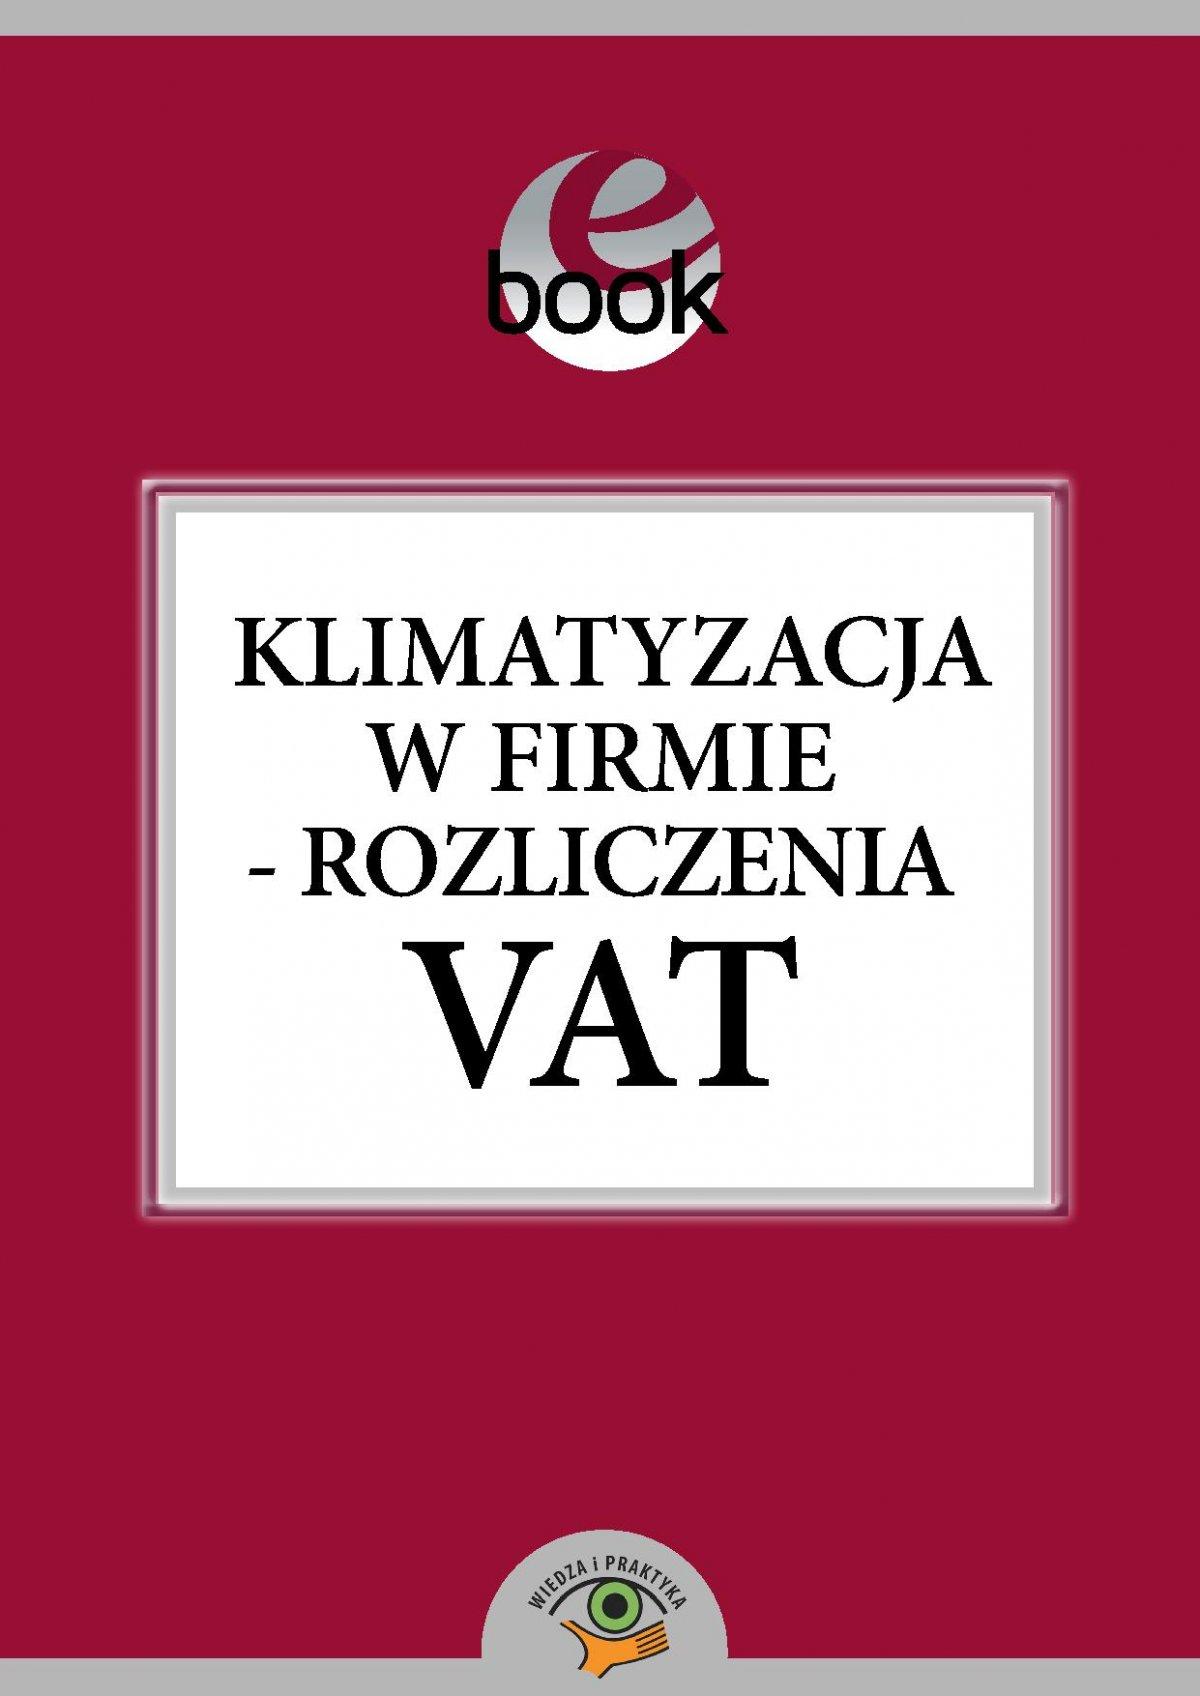 Klimatyzacja w firmie - rozliczenia VAT - Ebook (Książka PDF) do pobrania w formacie PDF